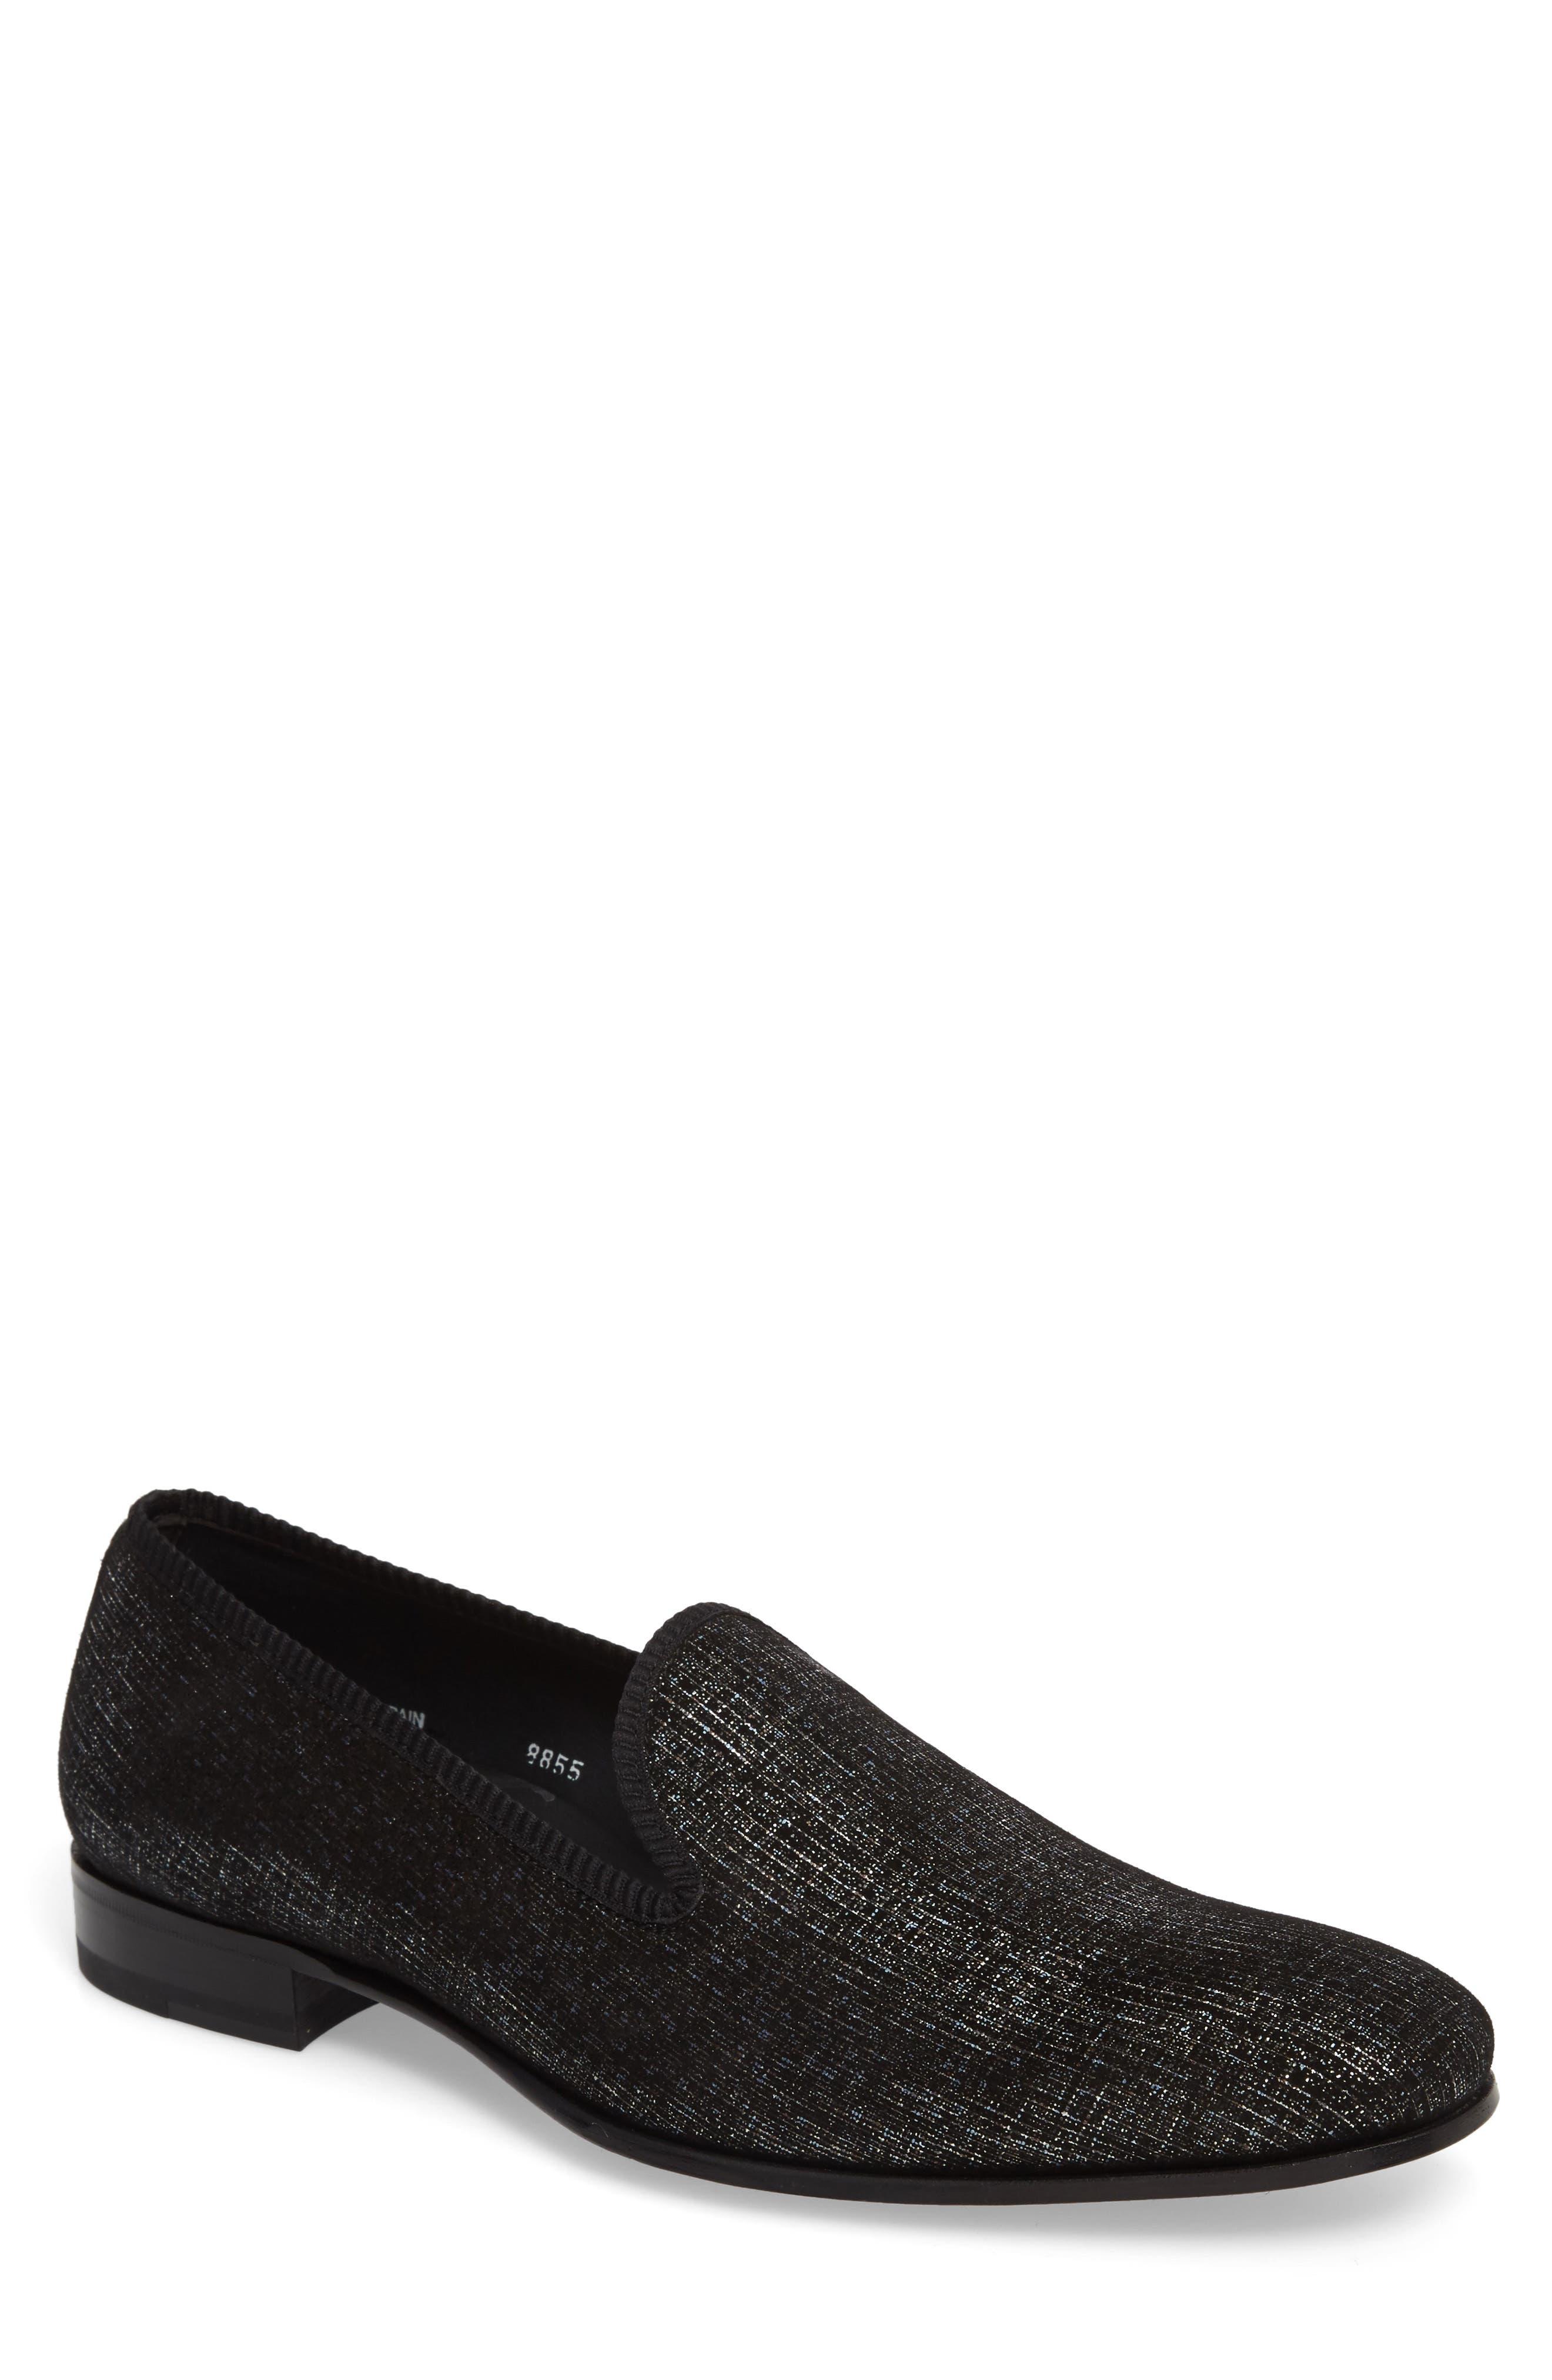 Belona Venetian Loafer,                         Main,                         color, Grey Suede